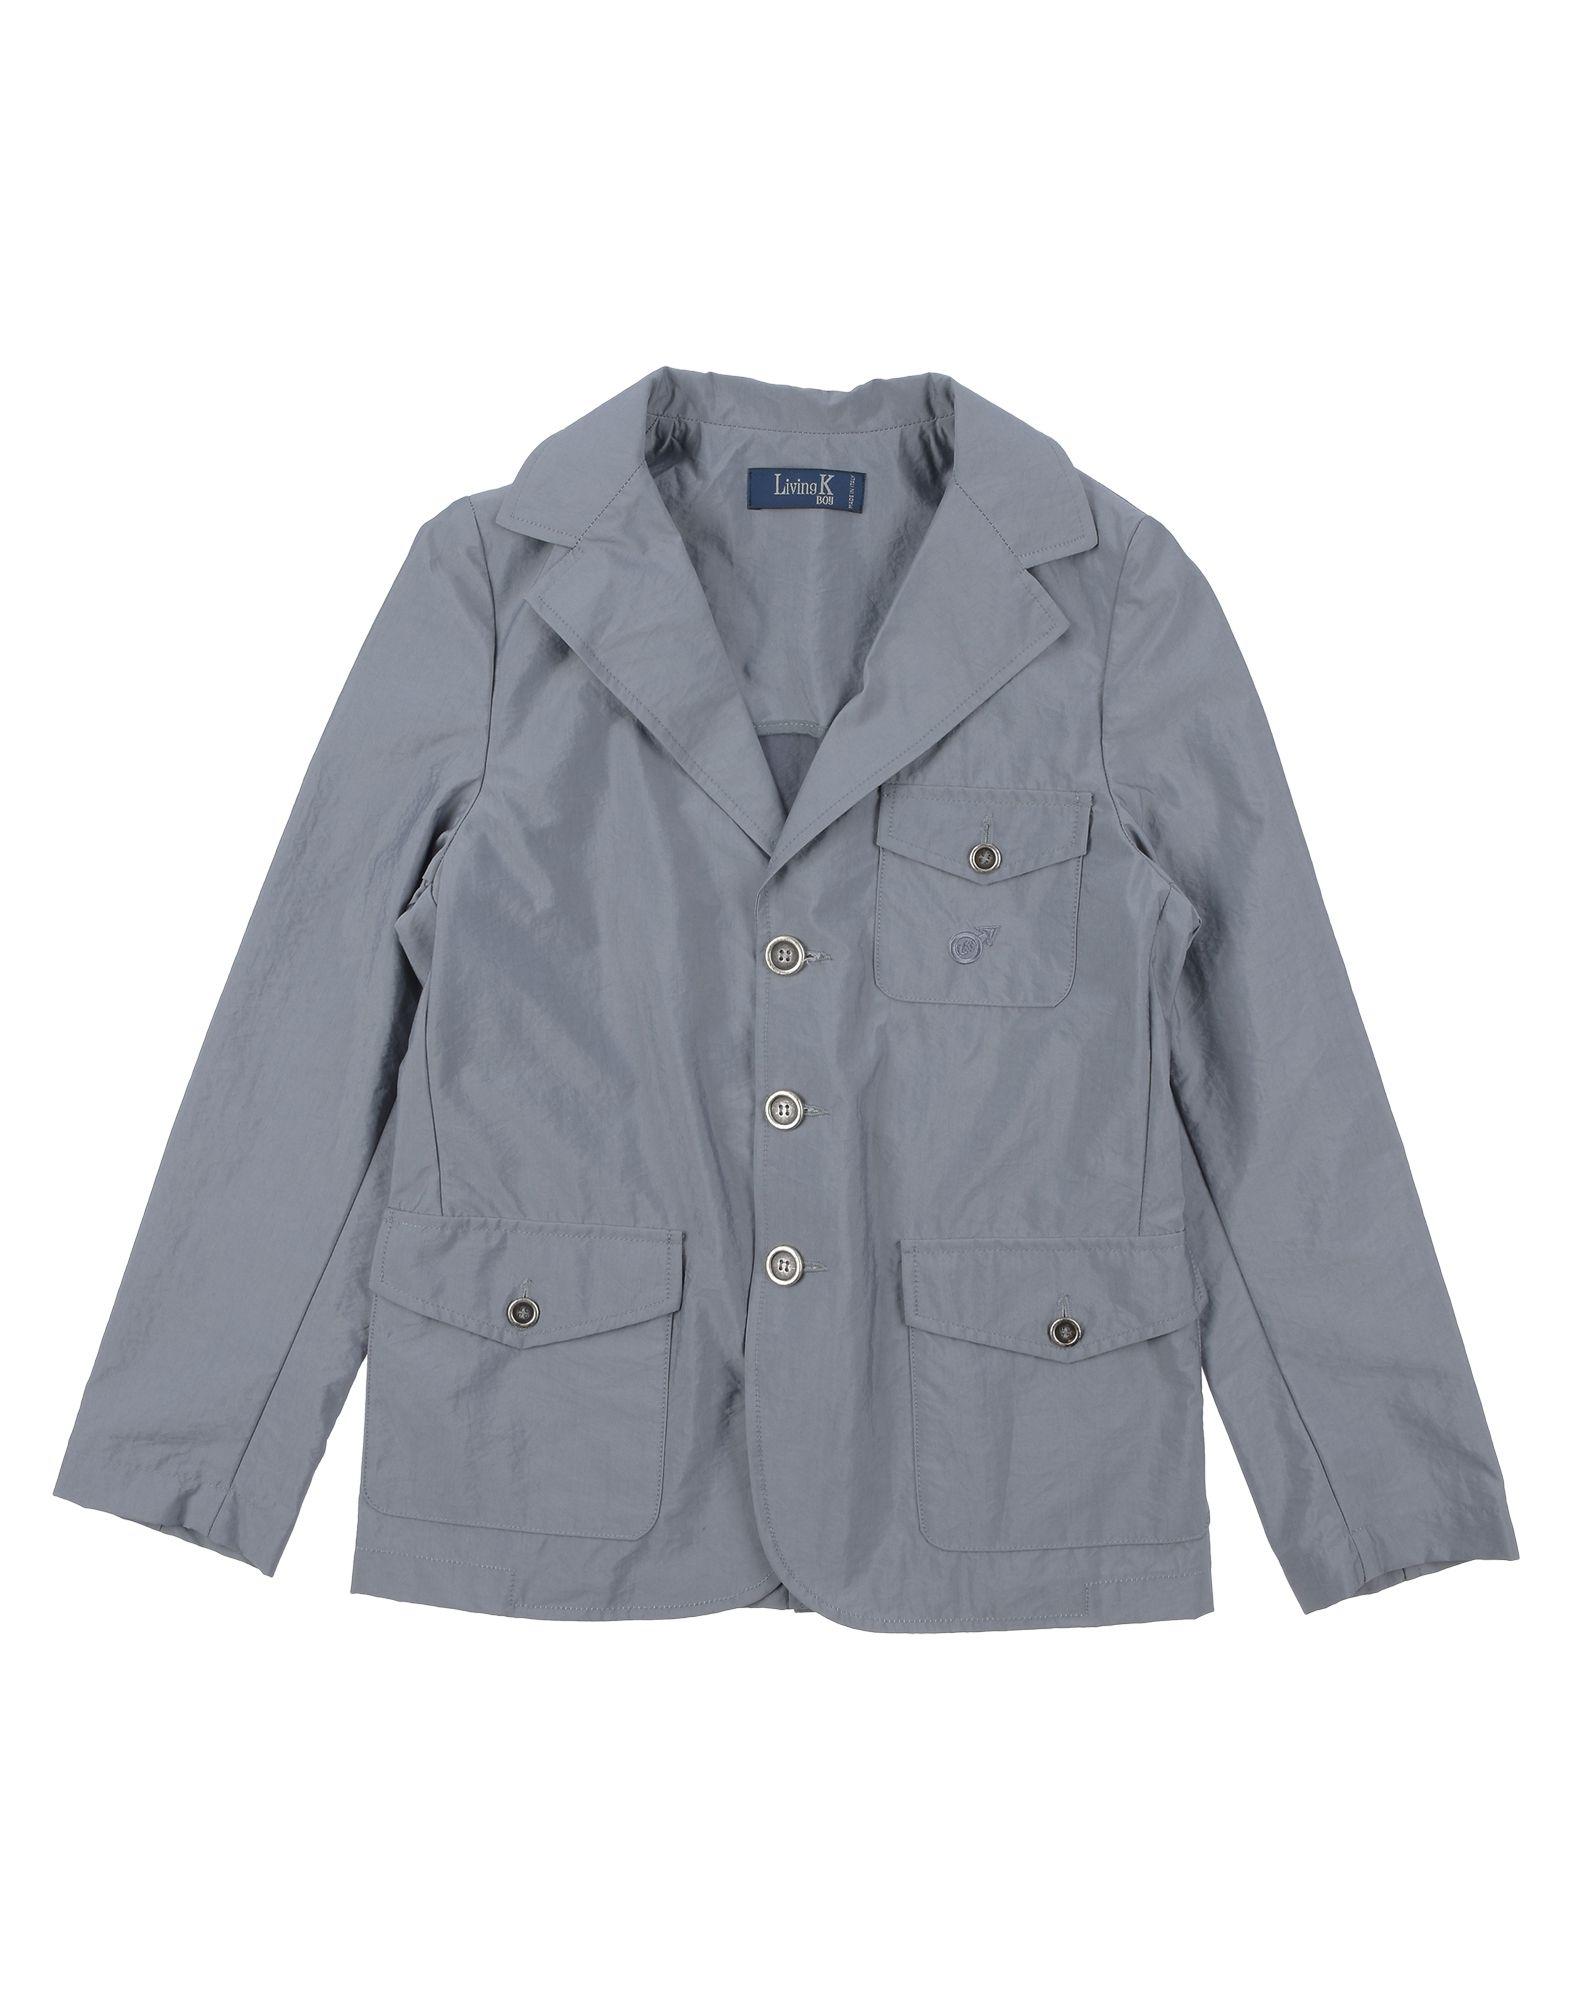 Living K Boy Kids' Suit Jackets In Gray